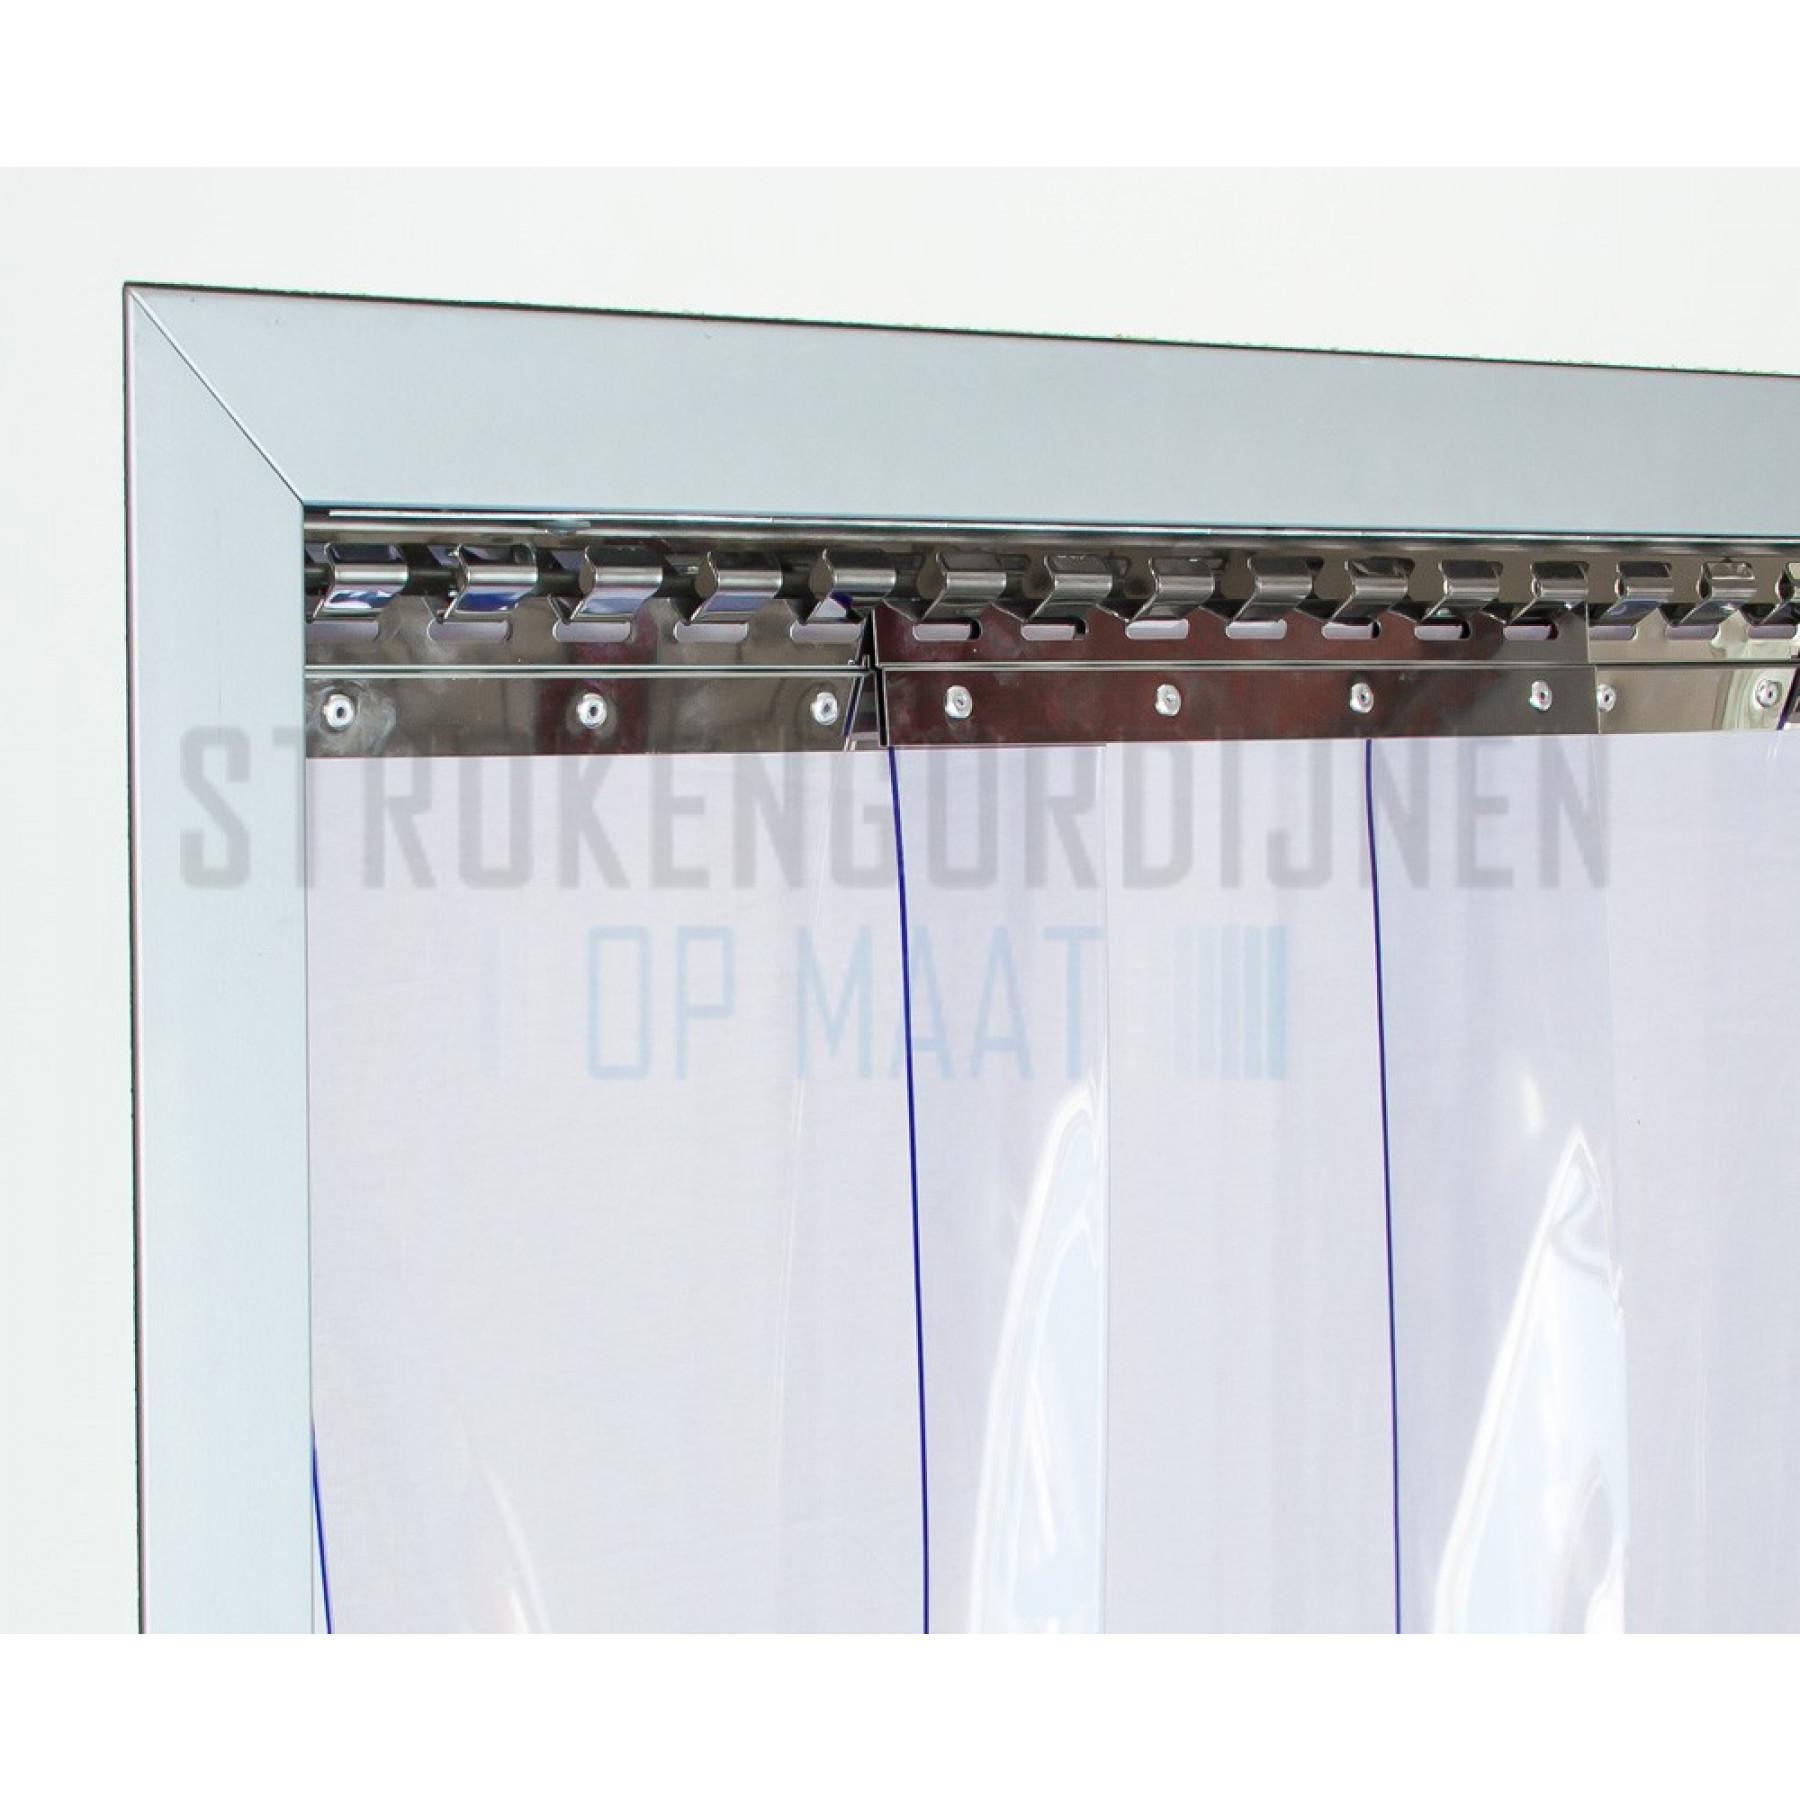 PVC stroken op maat, 300mm breed, 3mm dik, super diepvrieskwaliteit, transparant